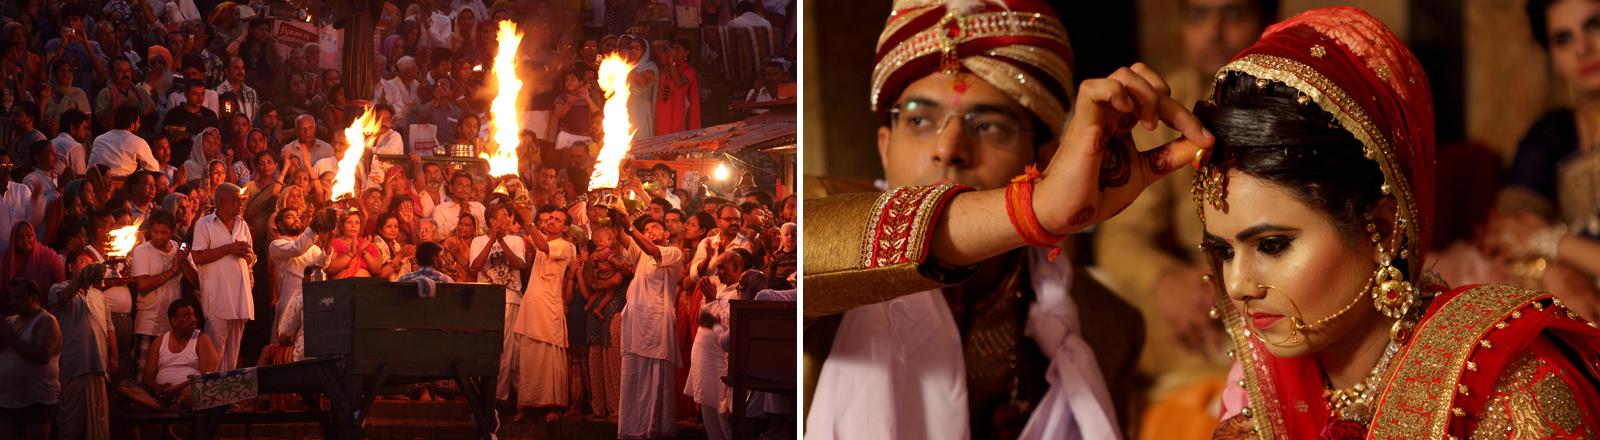 Ein indisches Hochzeitszeremeoniell und eine indische Braut in Hochzeitstracht